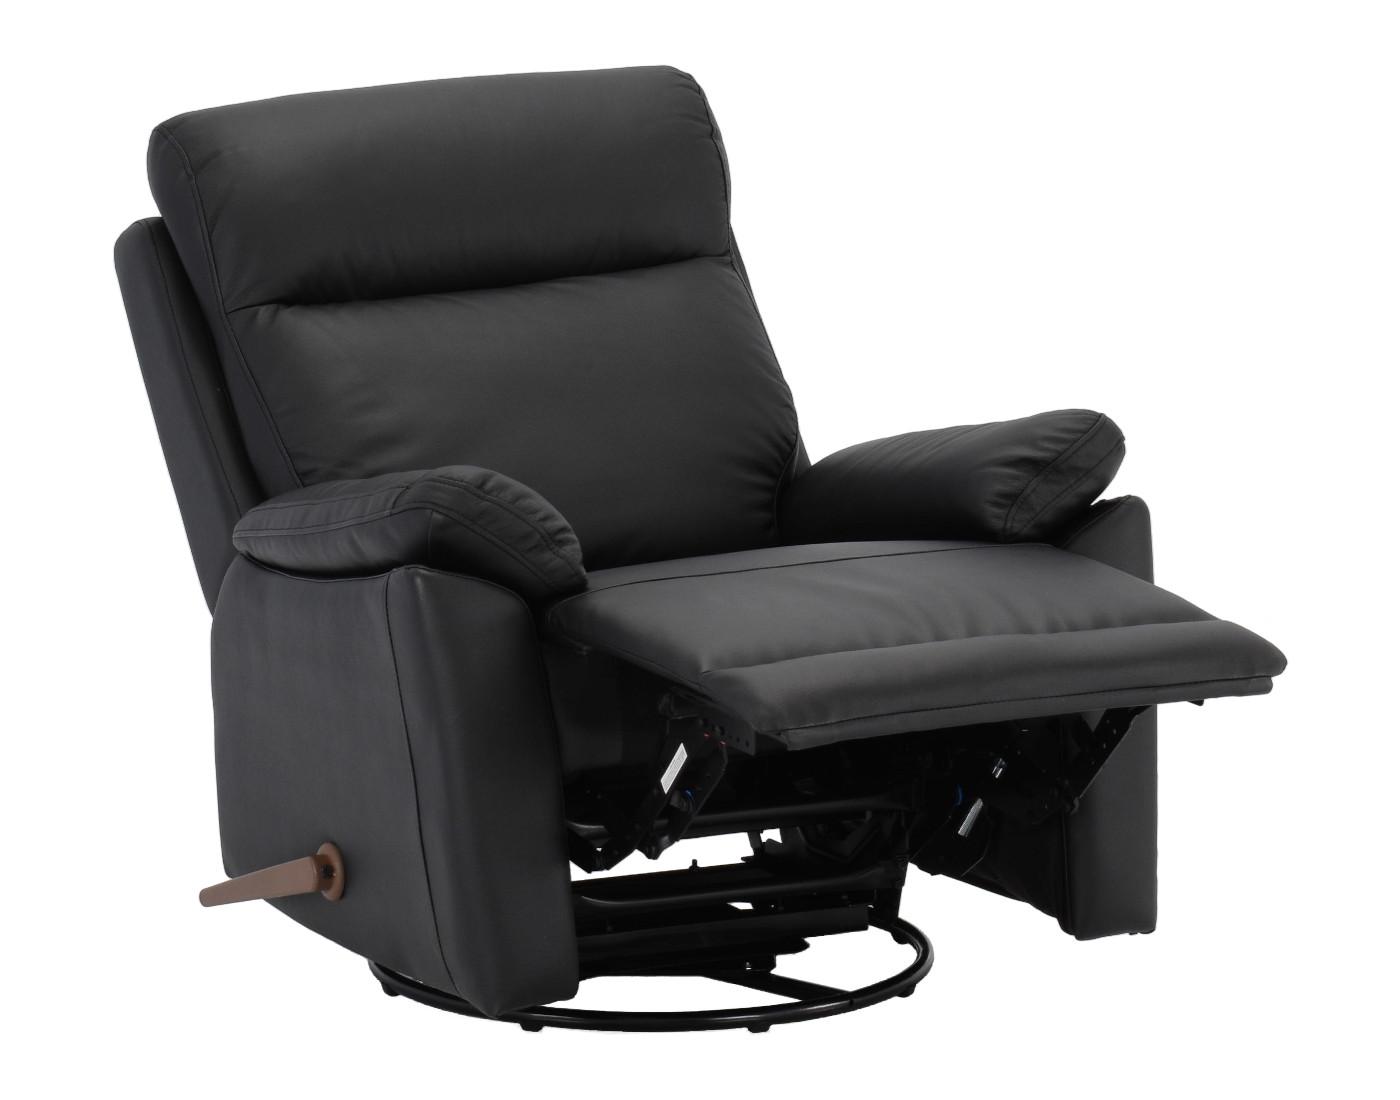 Boss recliner musta nahka/keinonahka, Tenstar